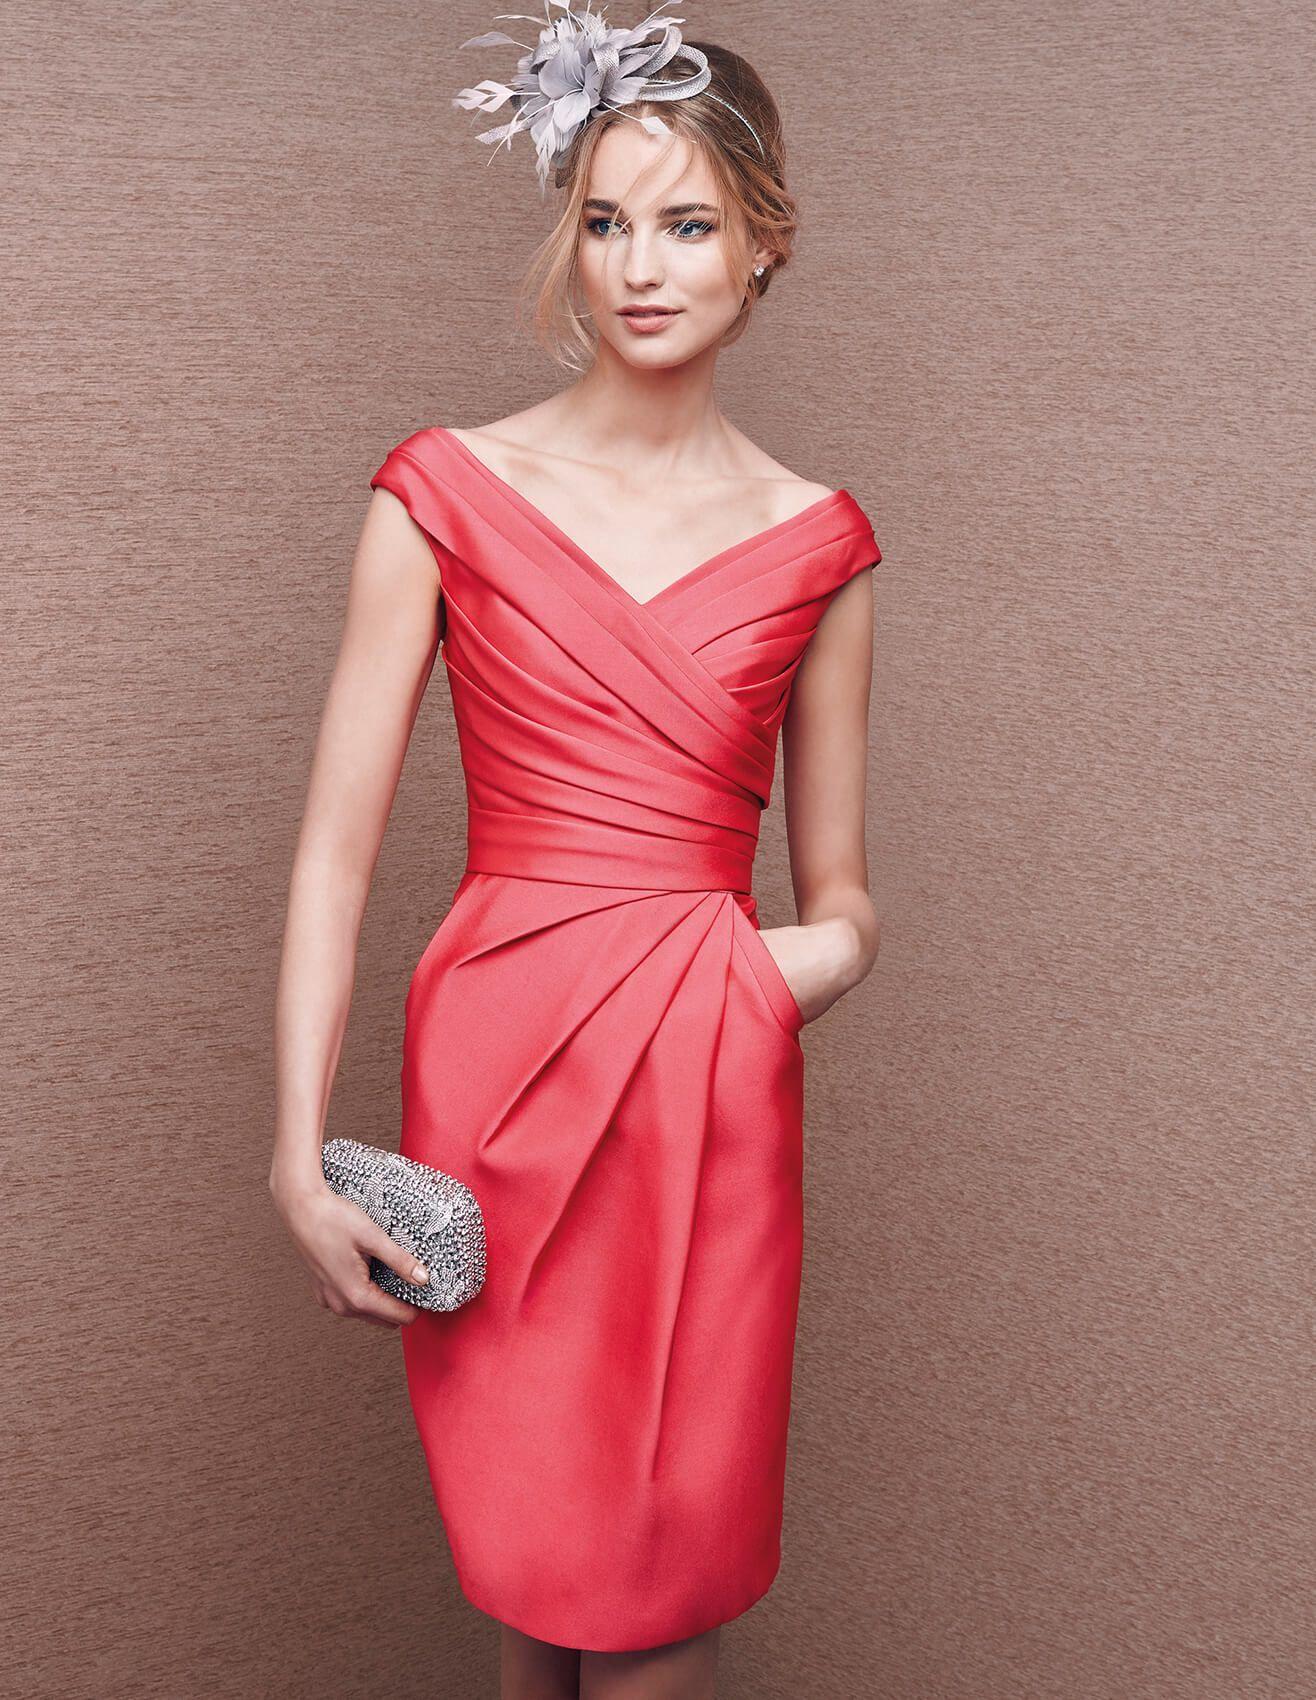 Vestidos cortos y elegantes para ir de boda | Everything | Pinterest ...